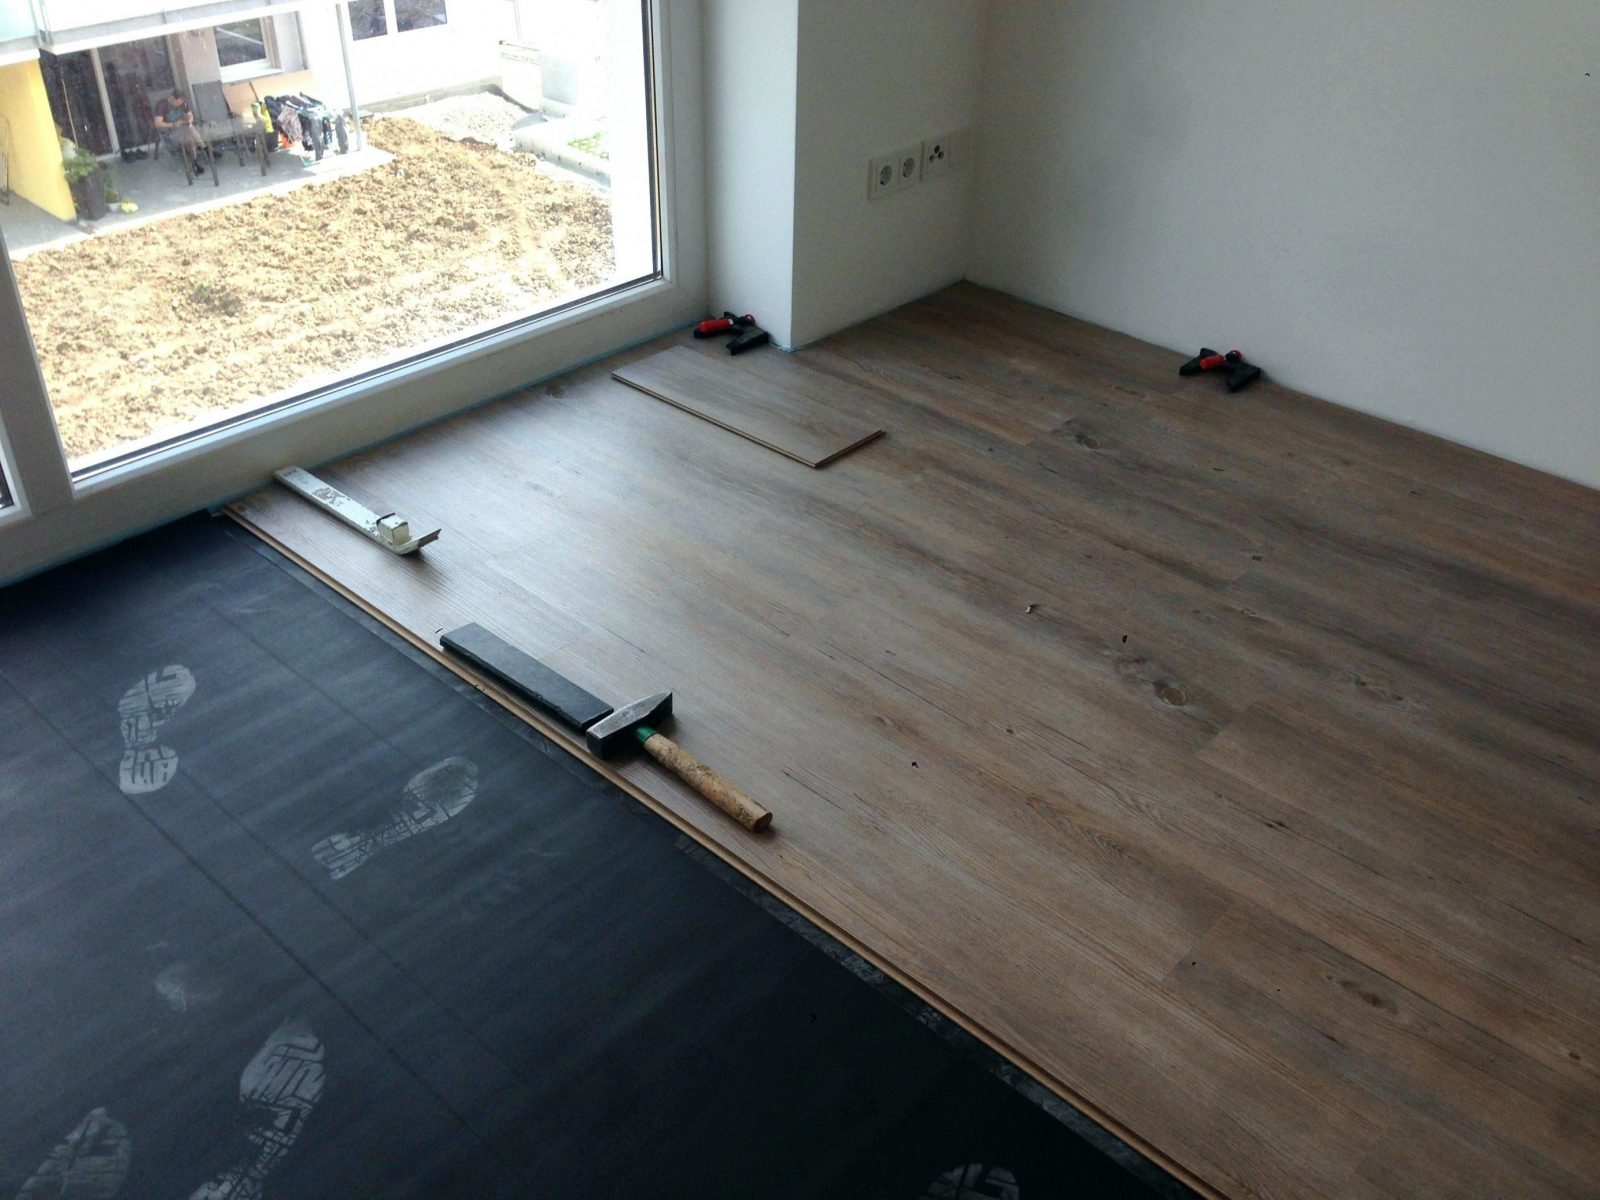 vinylboden auf fliesen fussbodenheizung haus design ideen. Black Bedroom Furniture Sets. Home Design Ideas